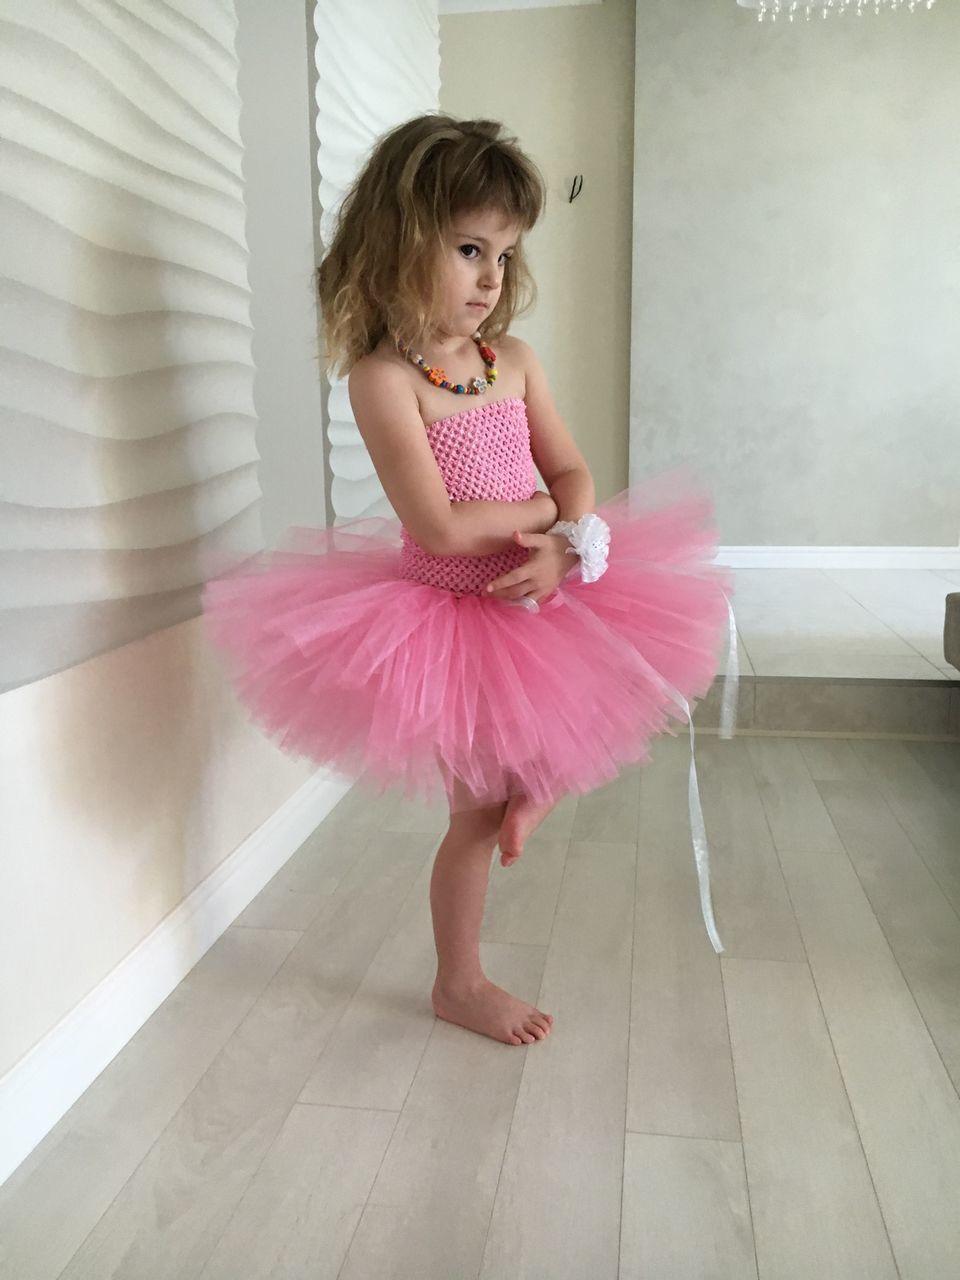 Юбка из фатина для девочки 4 лет своими руками